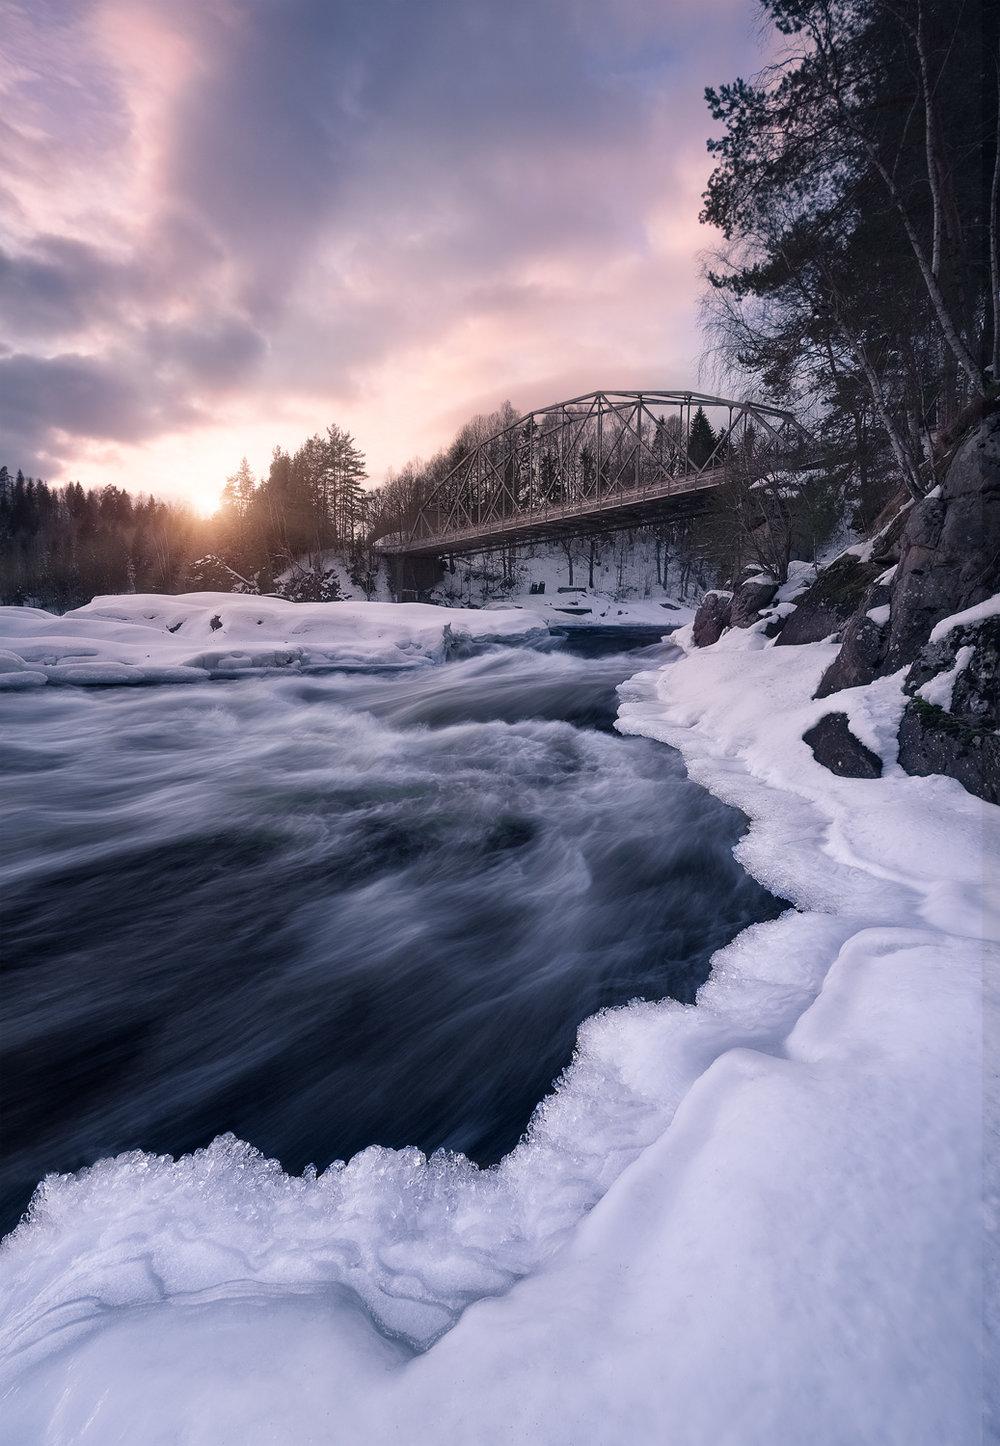 Holm-winter-1500-80.jpg